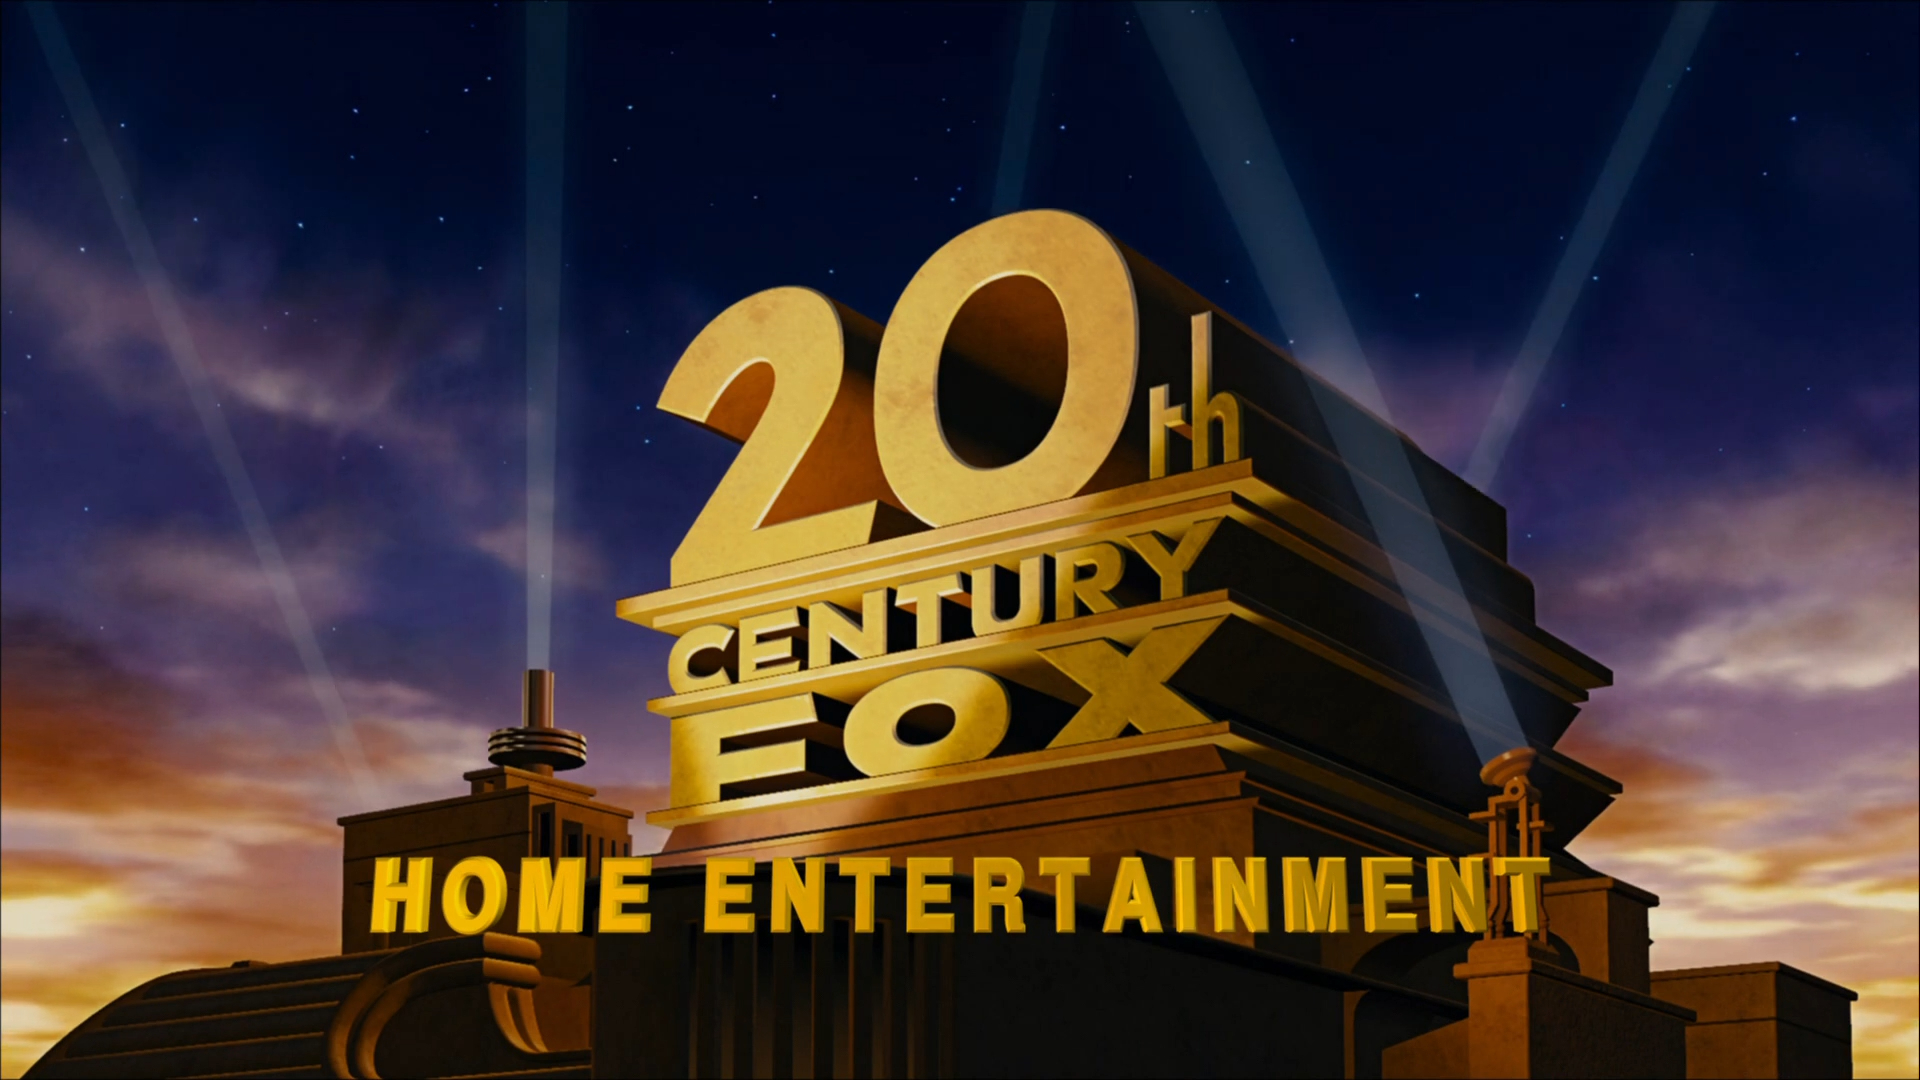 20th Century Fox (Home E Etnert).jpg